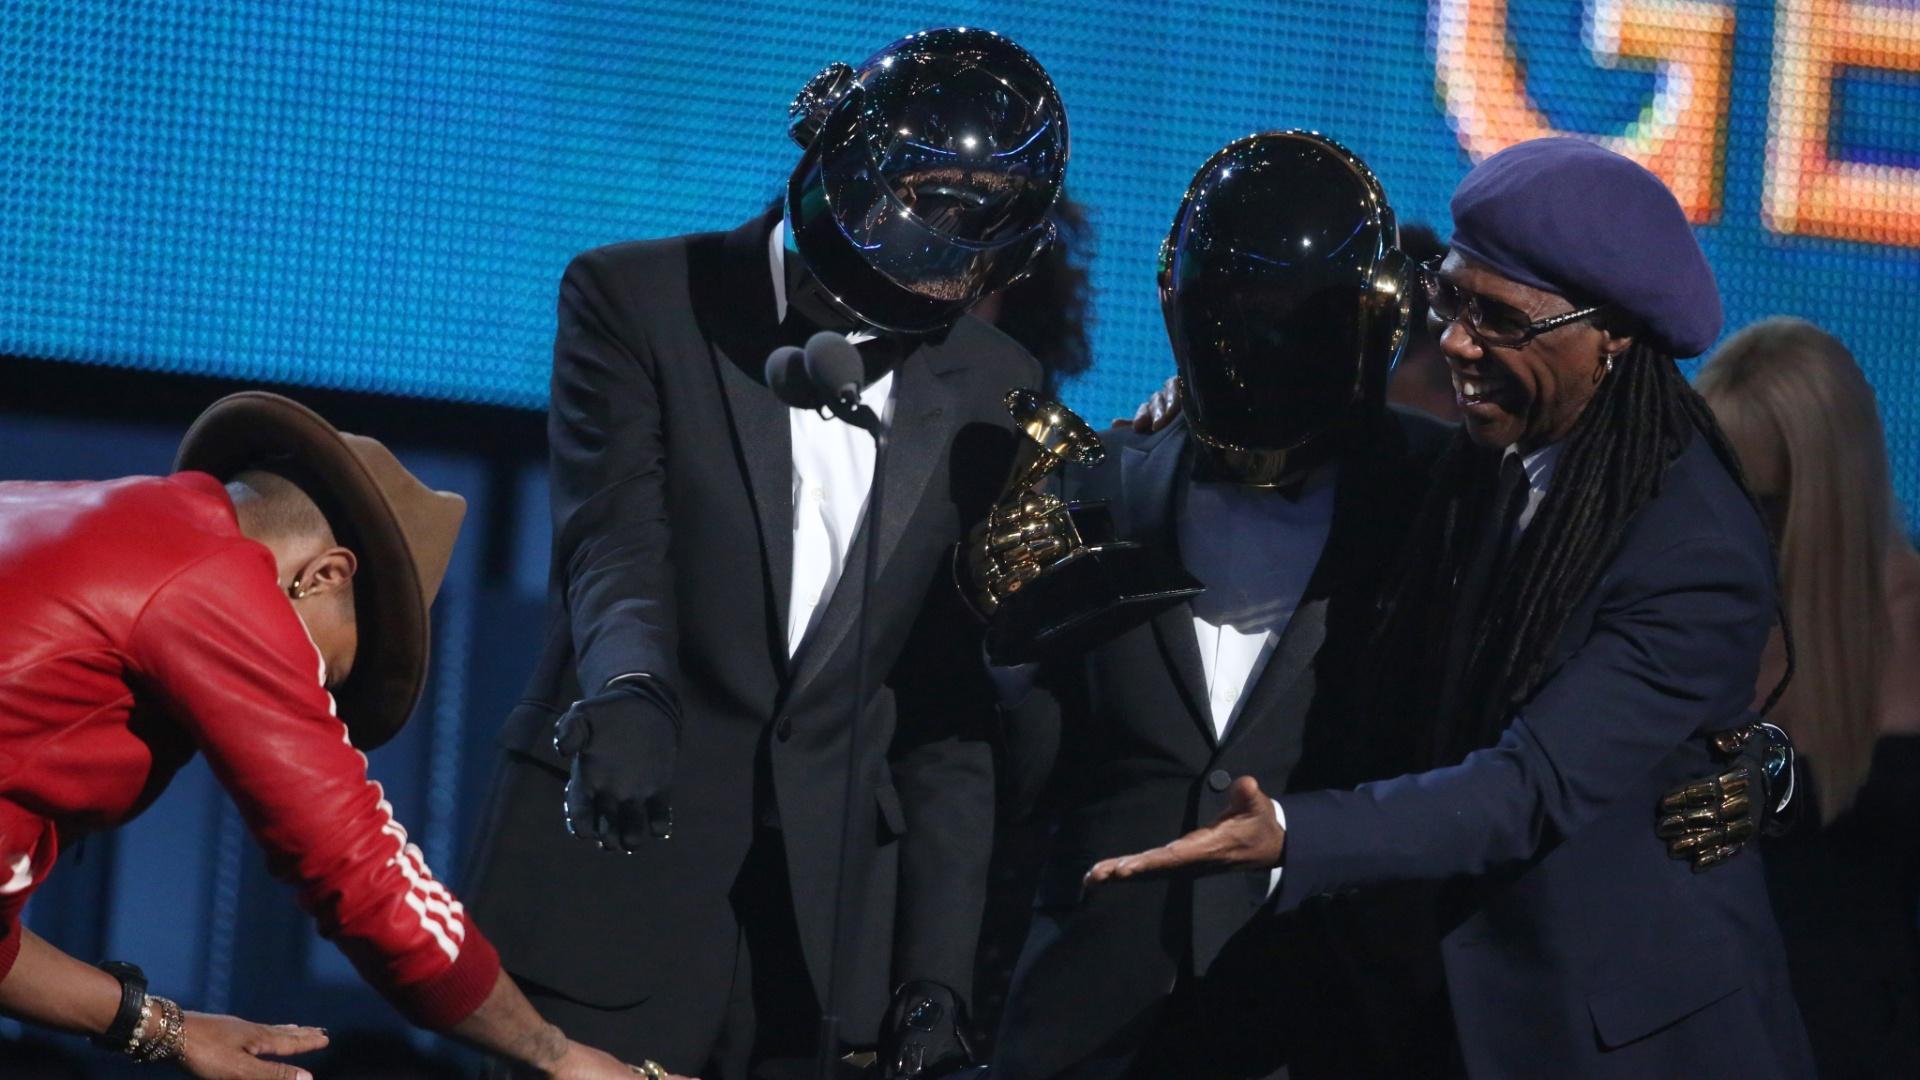 26.jan.2014 - Daft Punk, Nile Rodgers e Pharrell Williams sobem ao palco do Grammy para receber o prêmio na categoria de melhor performance pop de duo ou dupla. A dupla francesa de música eletrônica saiu consagrada do Grammy Awards 2014 vencendo todos os cinco prêmios a que concorria, incluindo o de álbum do ano por